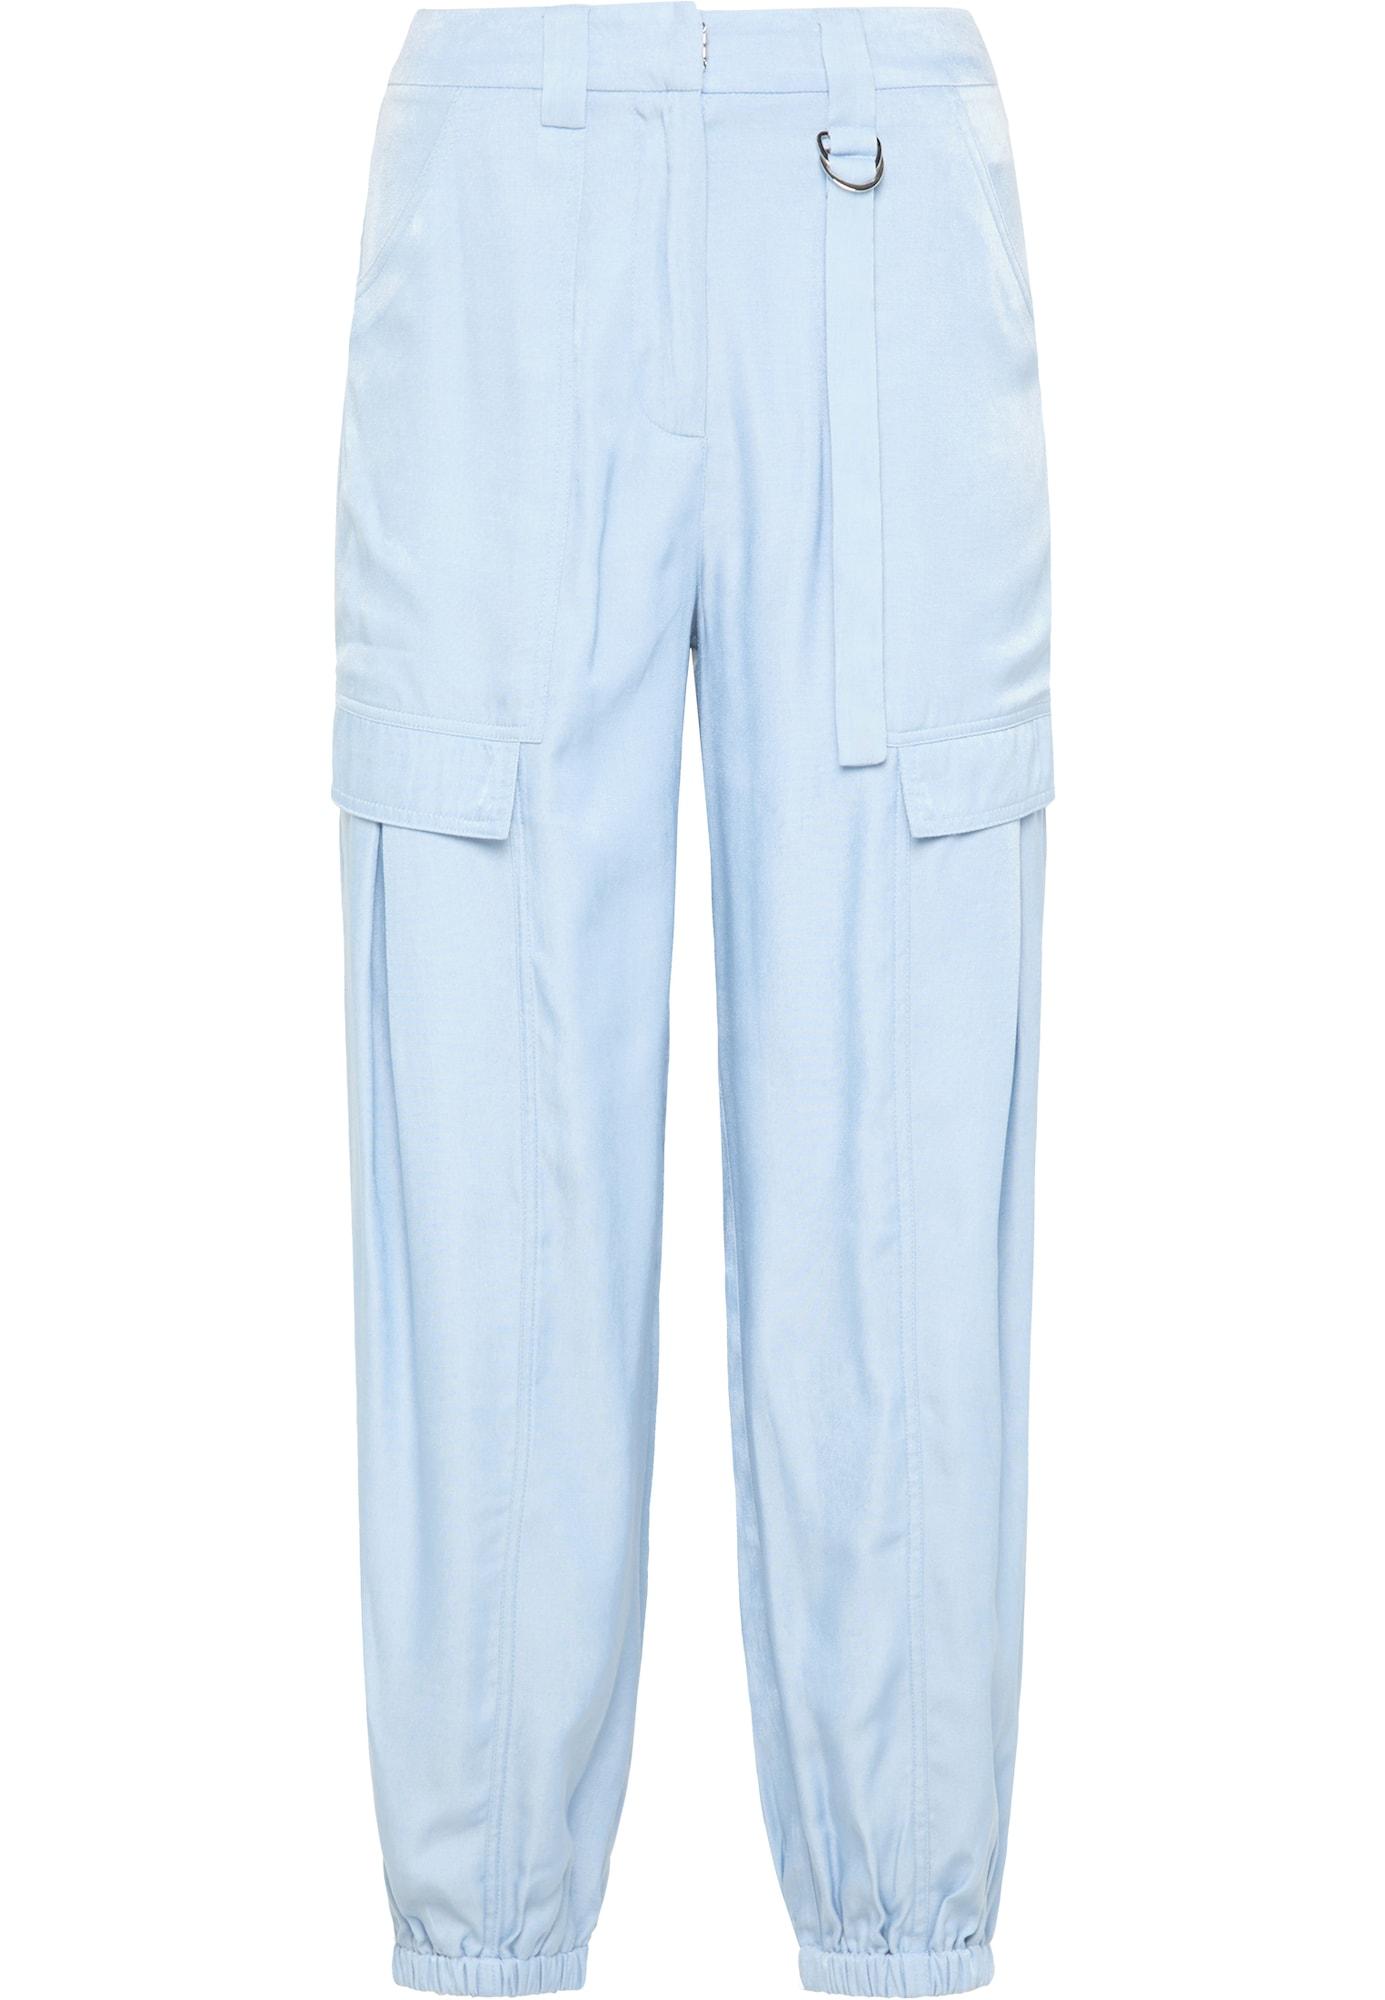 usha BLUE LABEL Laisvo stiliaus kelnės šviesiai mėlyna